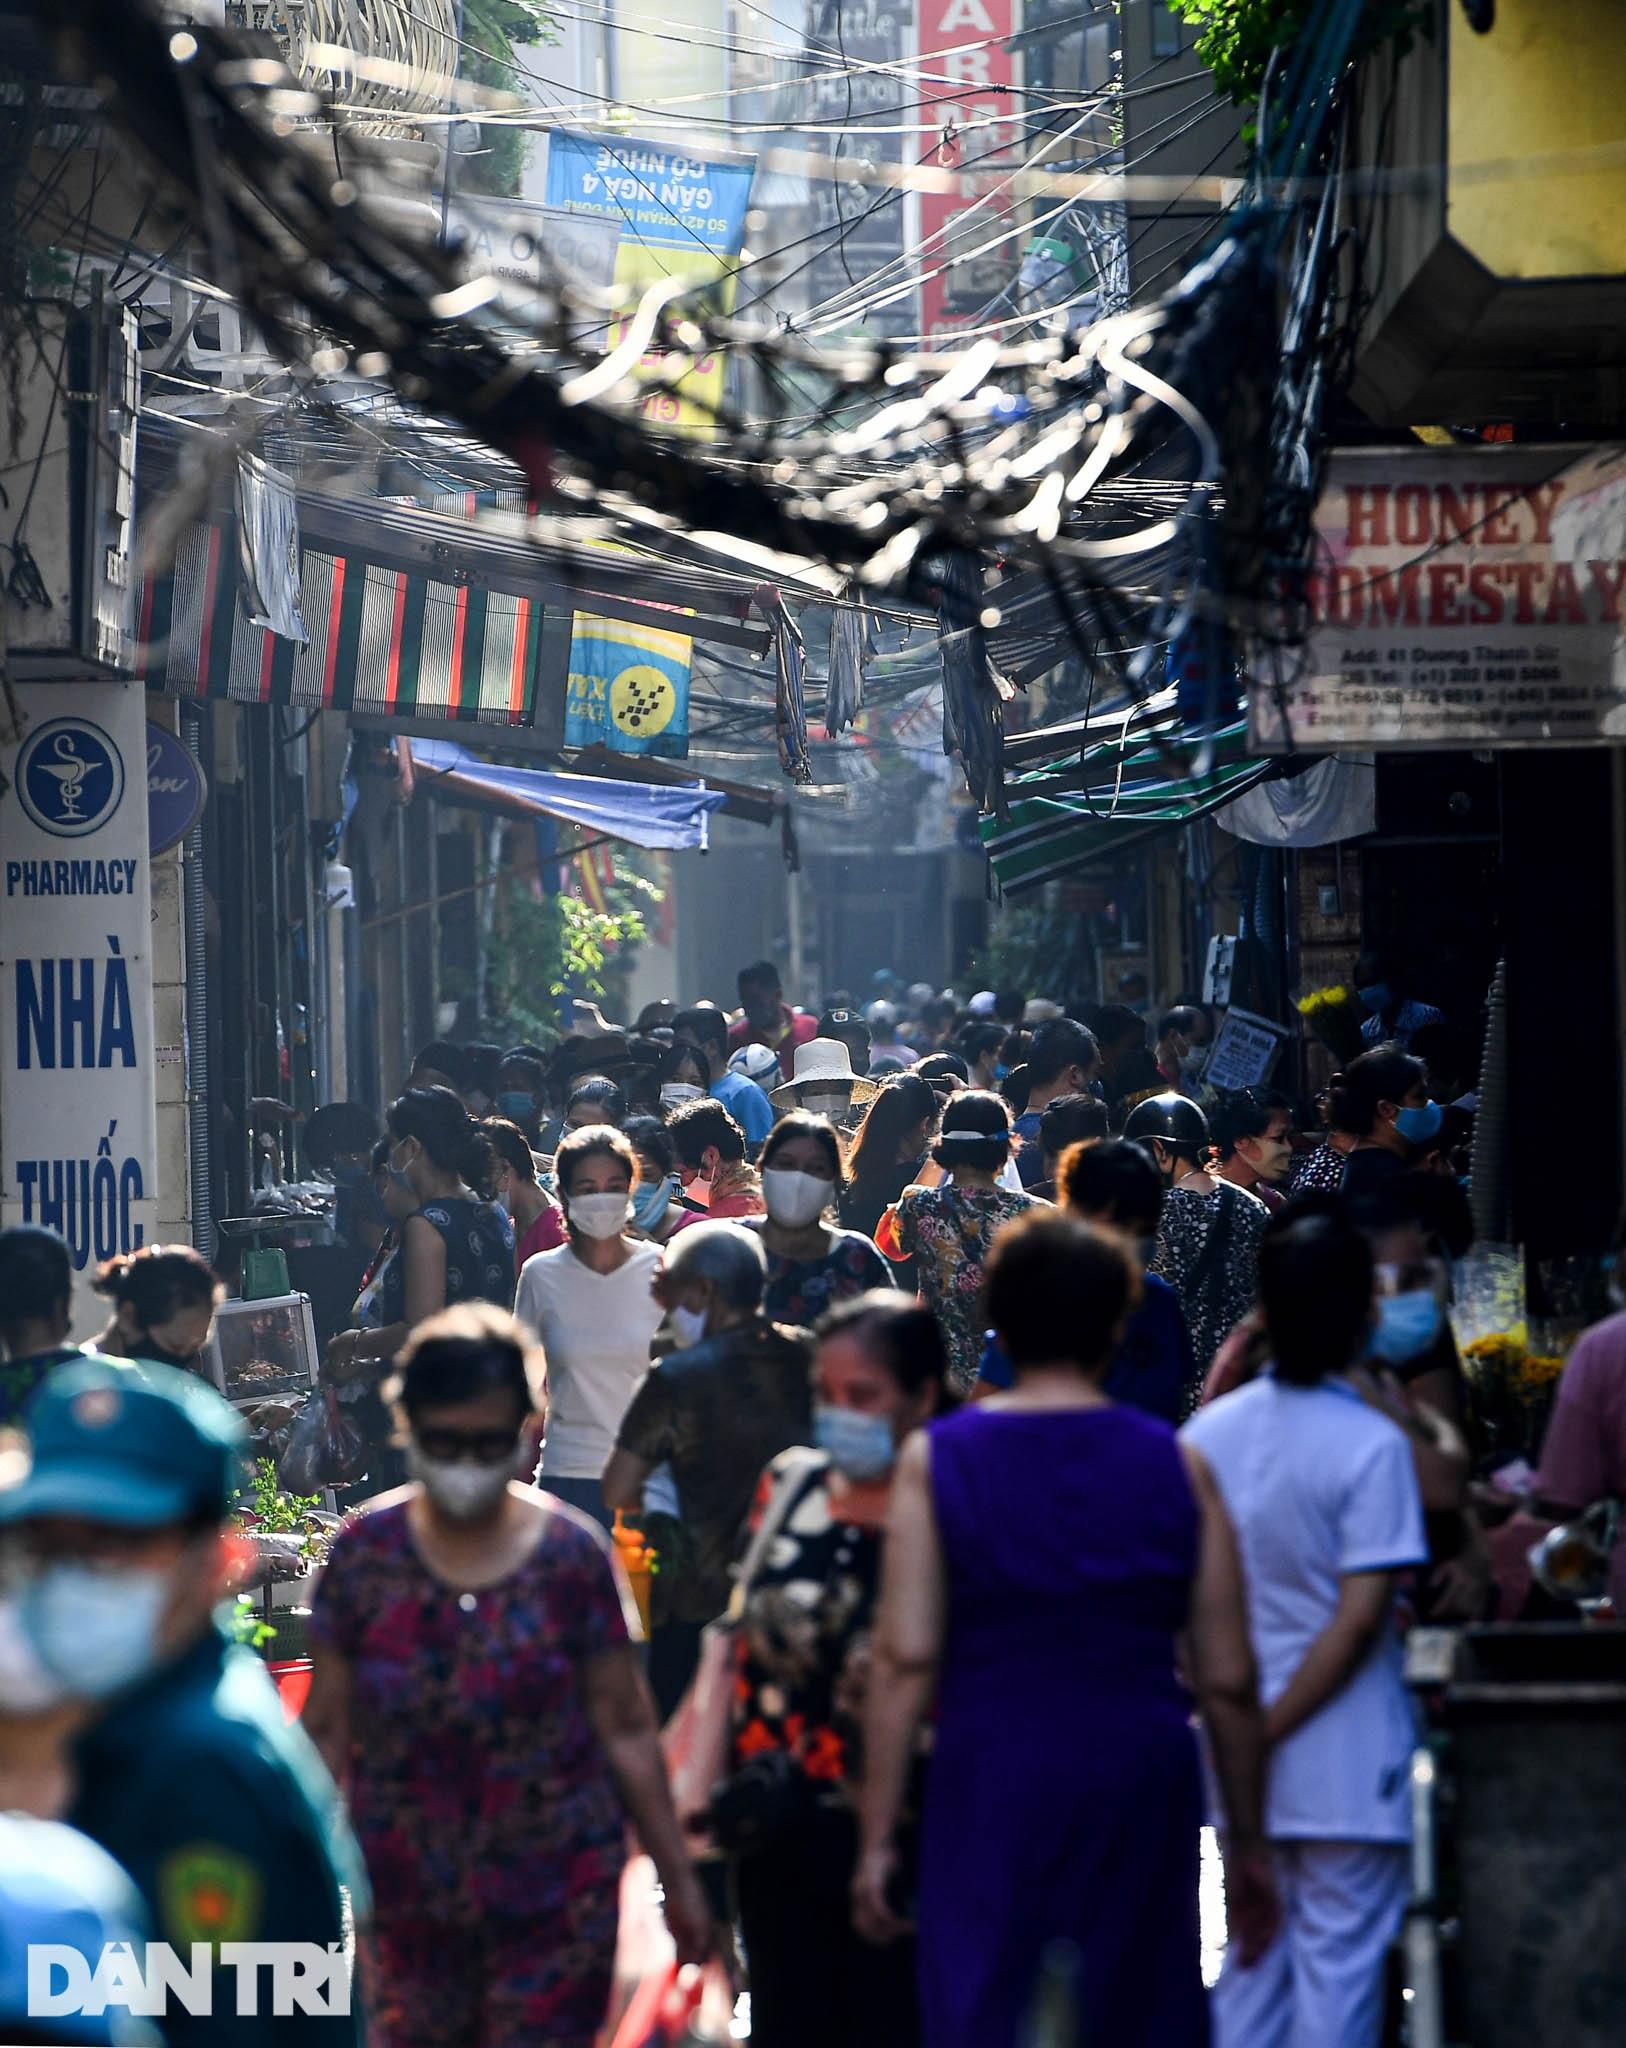 Hà Nội ngày đầu thực hiện Chỉ thị 16: Đường phố vắng, chợ dân sinh đông đúc - 13